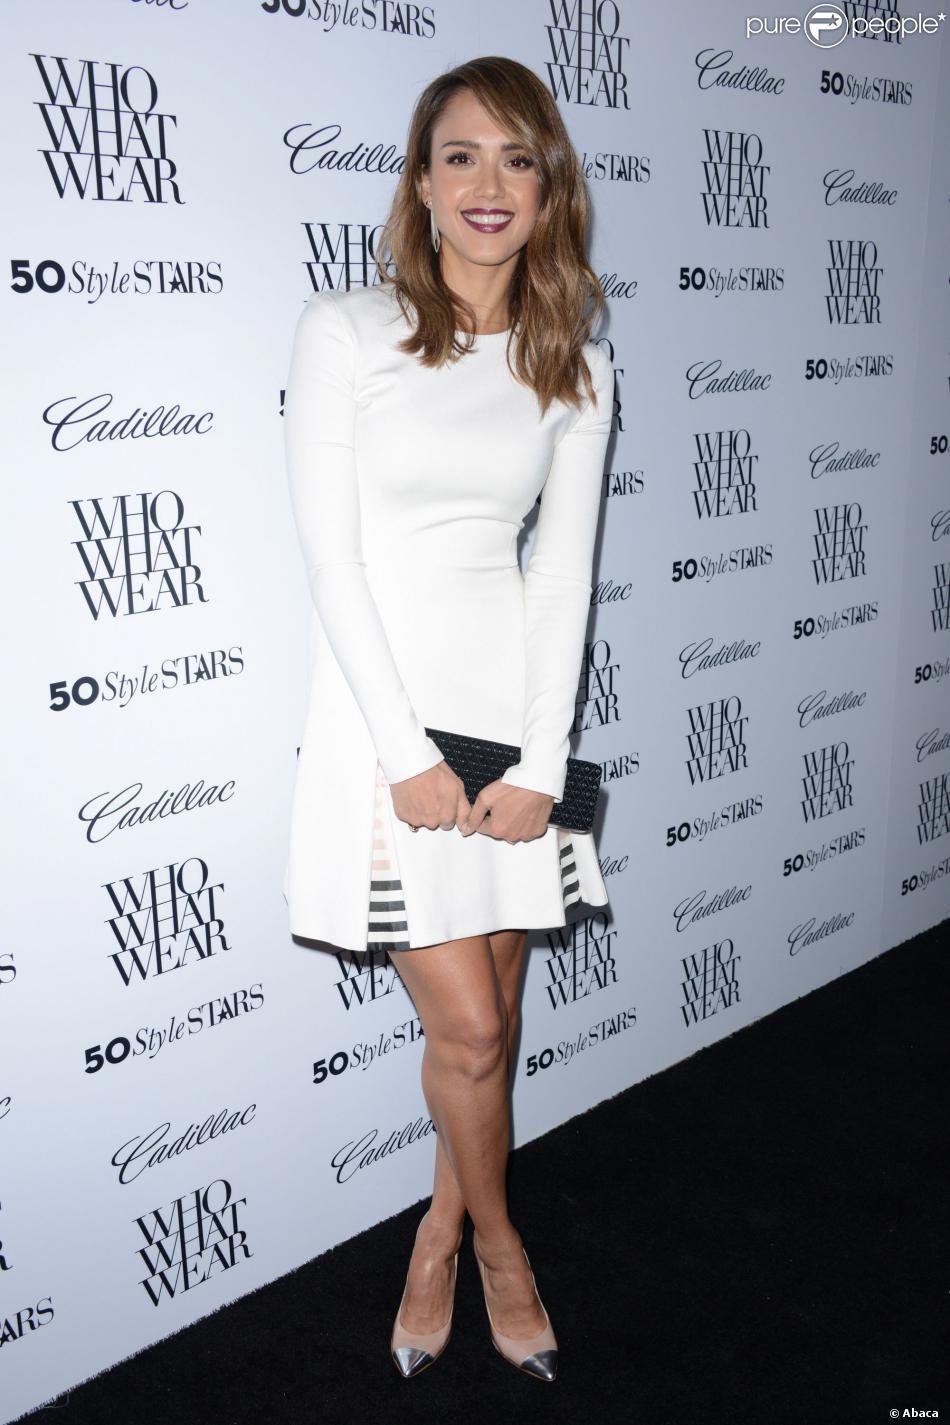 Jessica Alba, ravissante en robe Wes Gordon, assiste à la soirée 50 Style Stars organisée par le site Who What Wear à l'hôtel London West Hollywood. Los Angeles, le 24 octobre 2013.